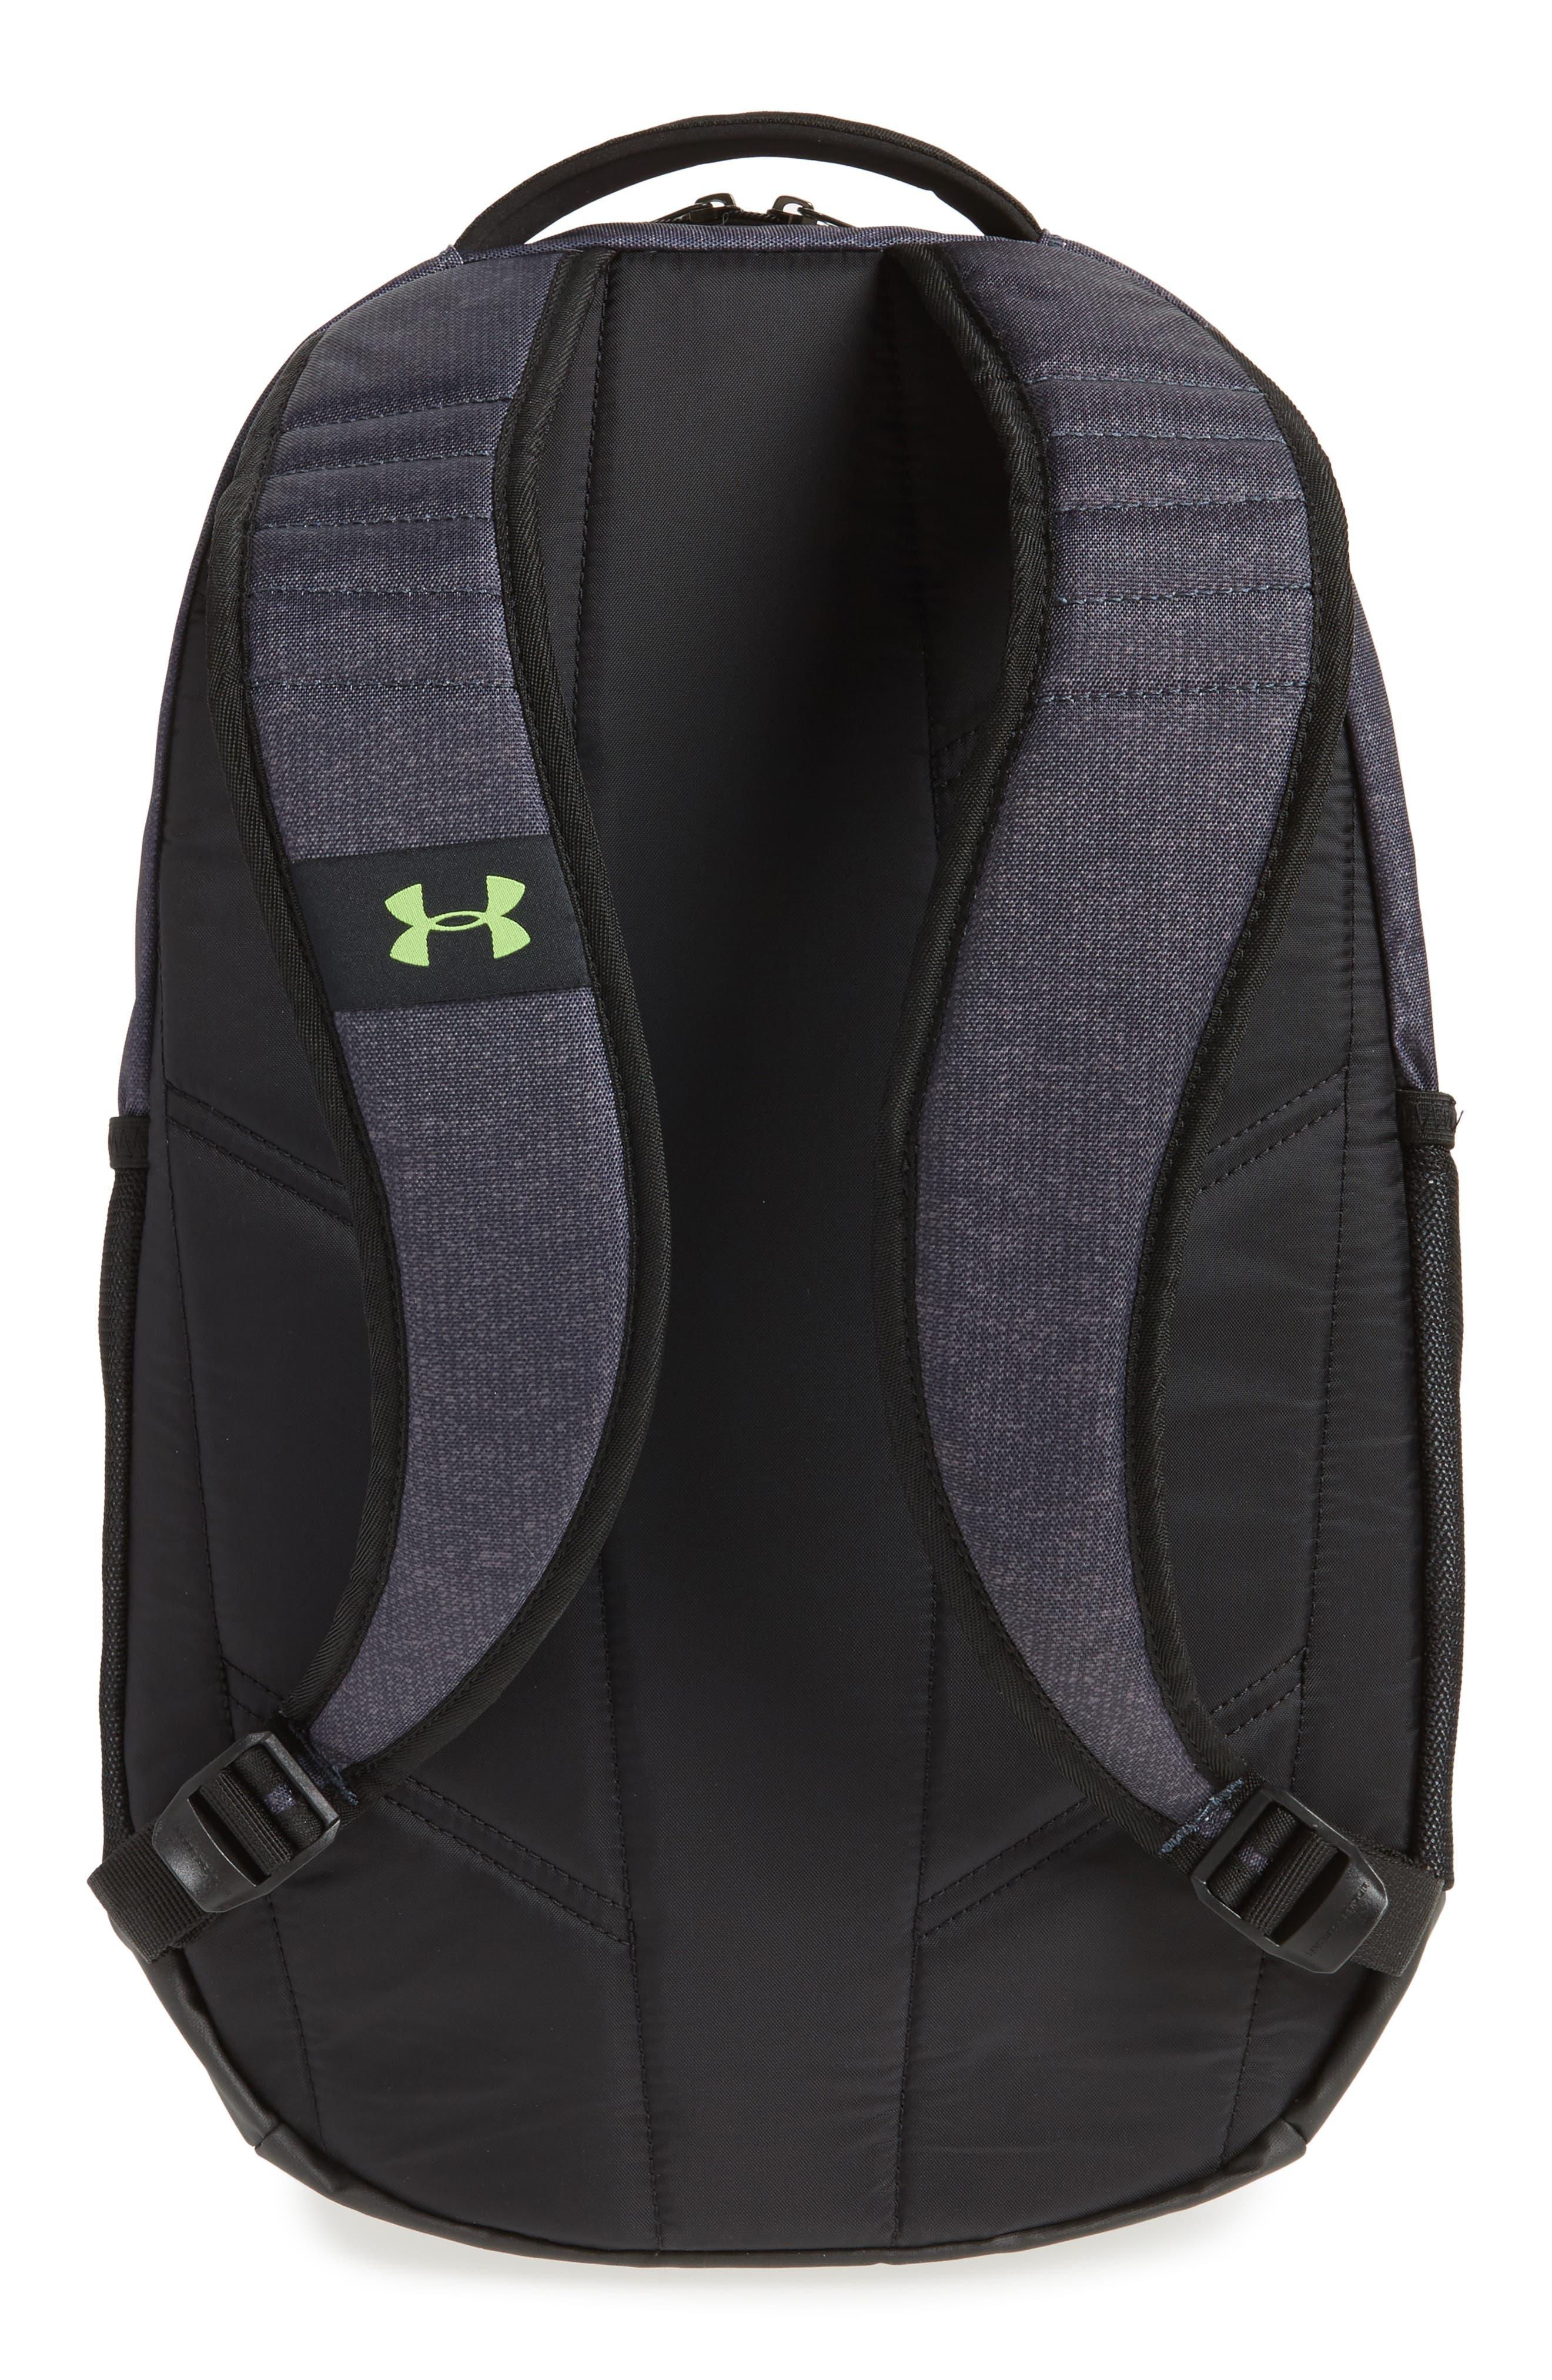 Alternate Image 2  - Under Armour Hustle 3.0 Backpack (Kids)